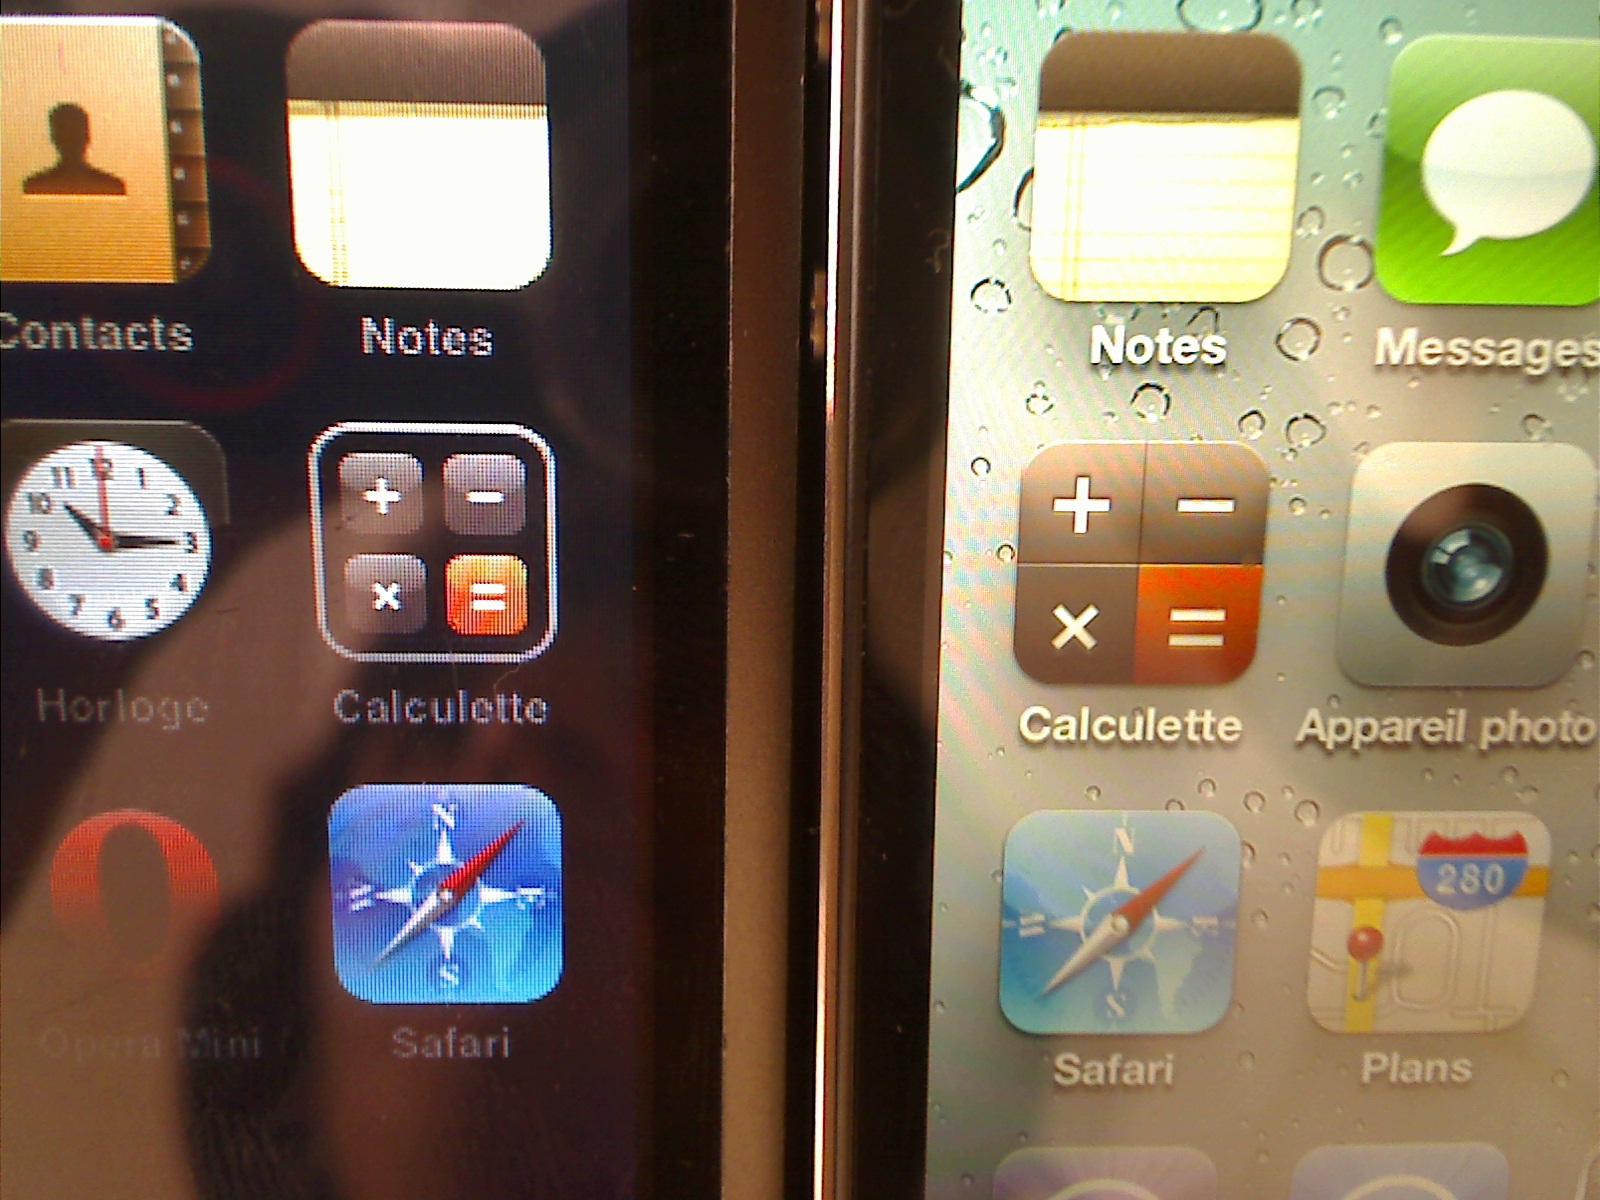 Picture 5 News   Comparaison écran entre un iPhone 4 et un iPod Touch